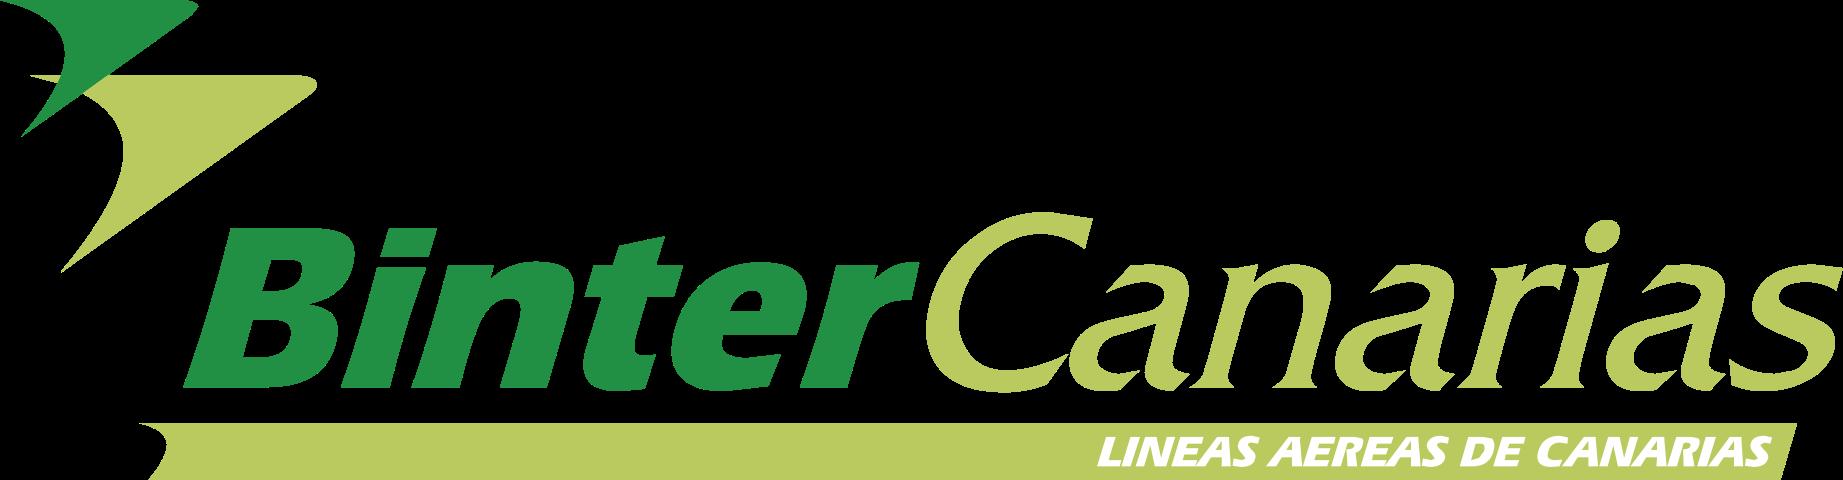 Resultado de imagen para Binter canarias logo